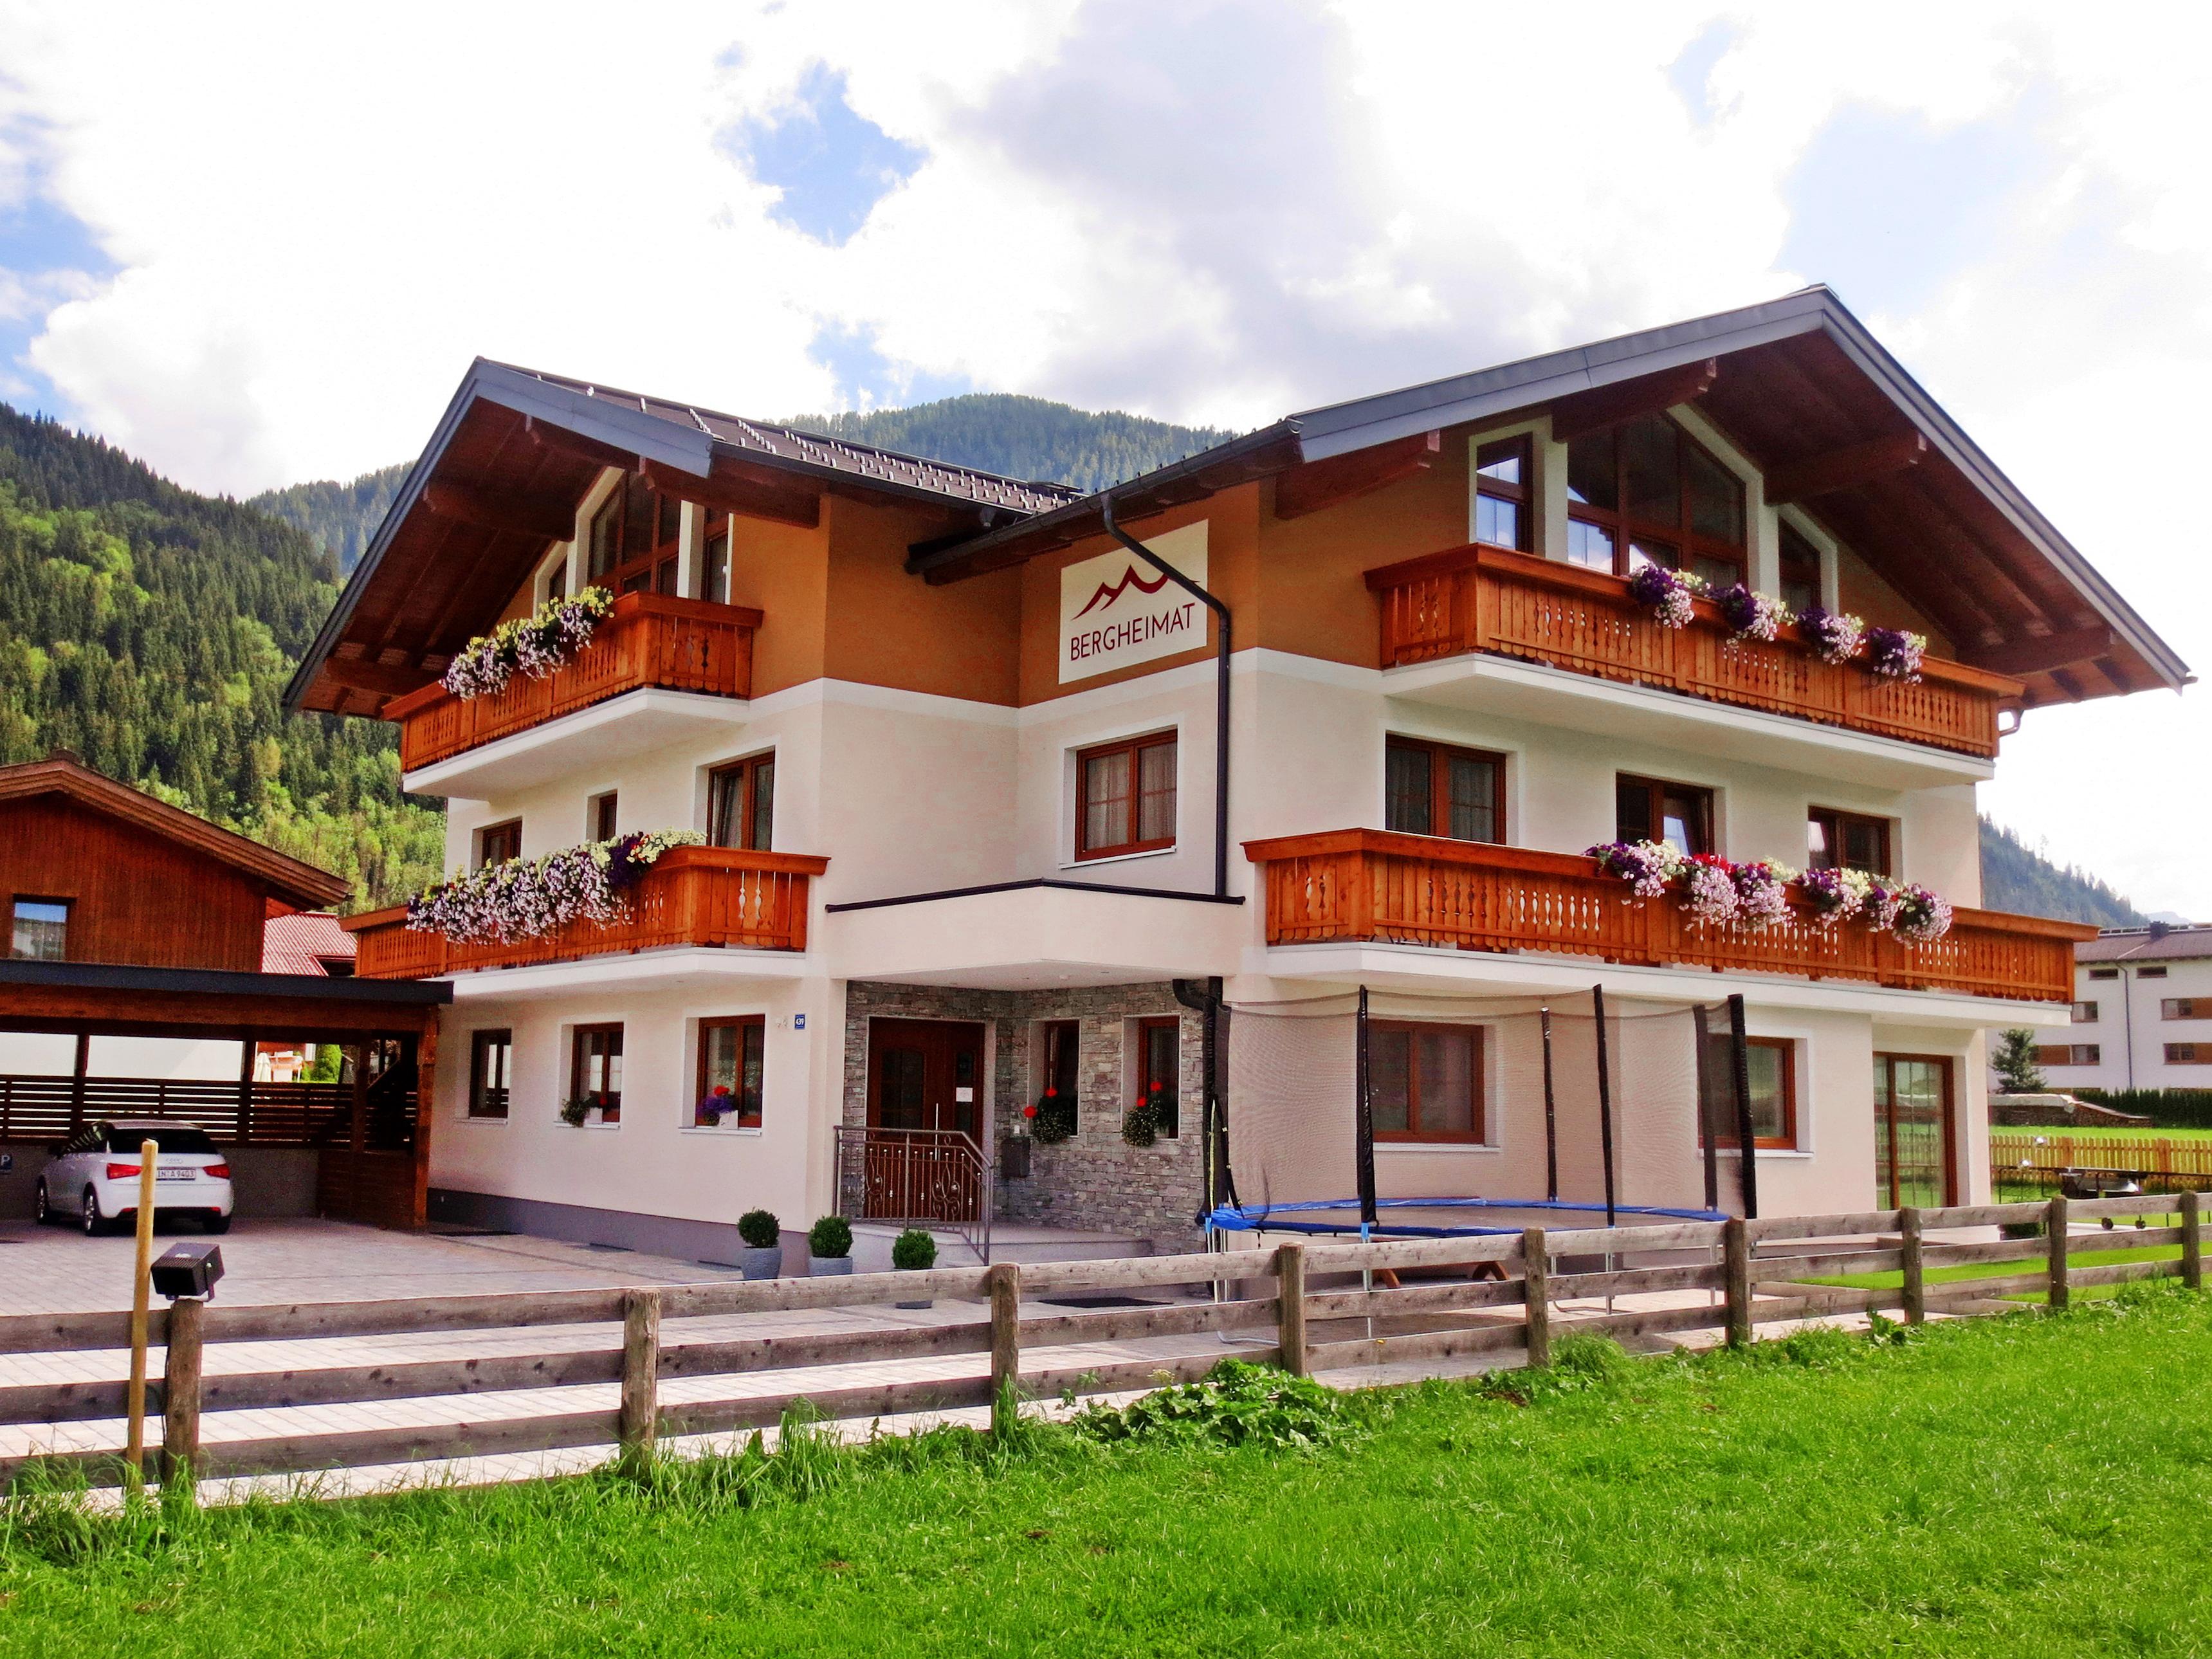 Ferienwohnung Griessenkar in Flachau, Österreich AT5542.520.1 ...